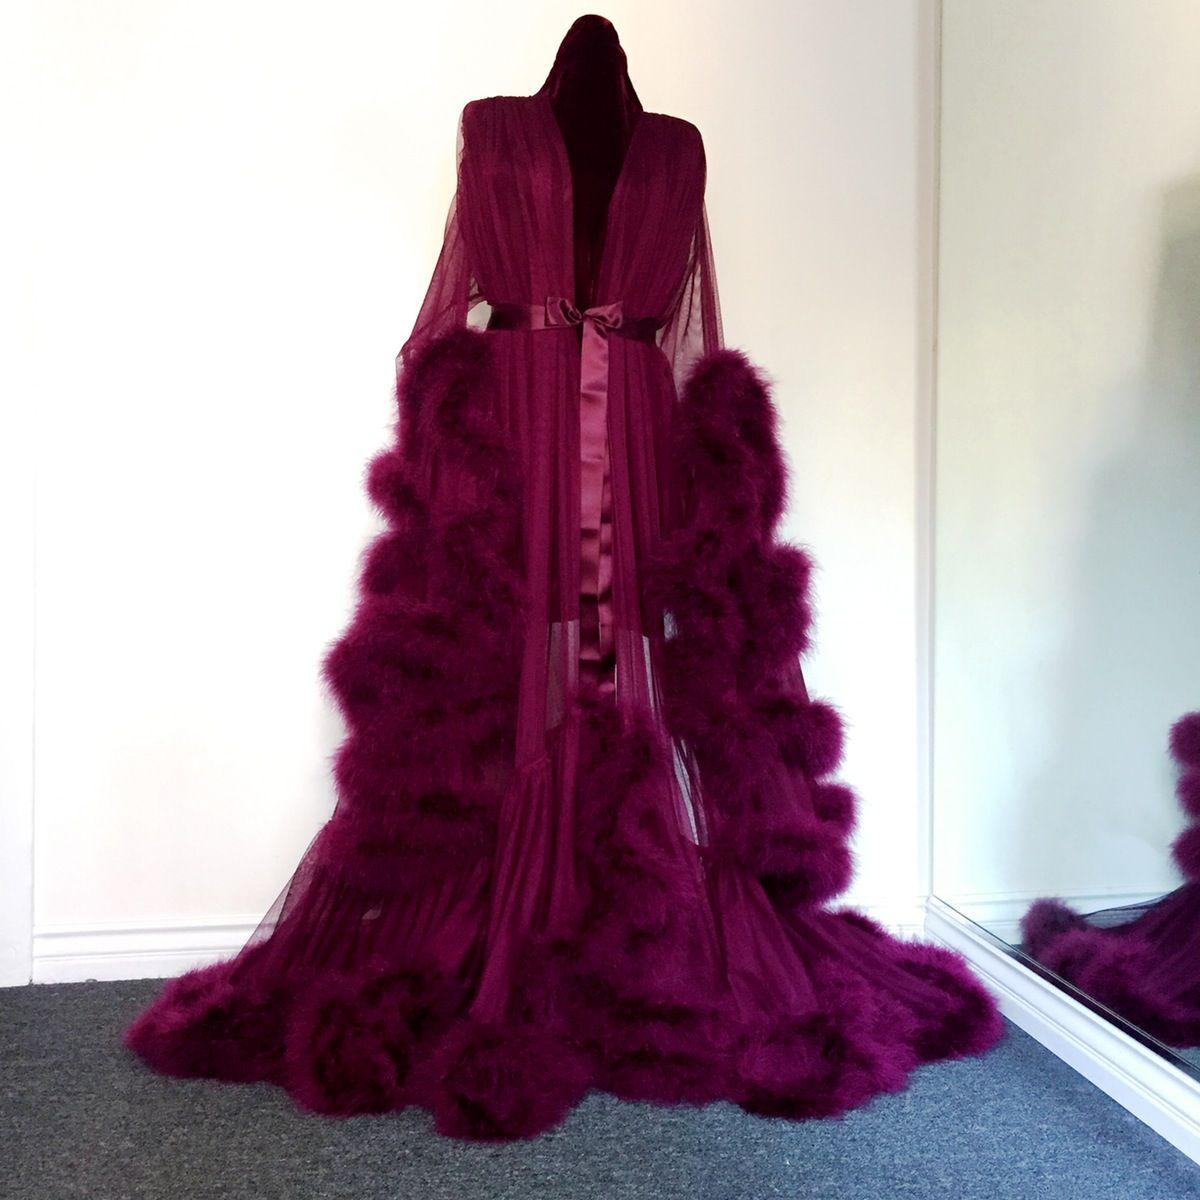 Cassandra Merlot Marabou Dressing Gown Fashion Lingerie Robe